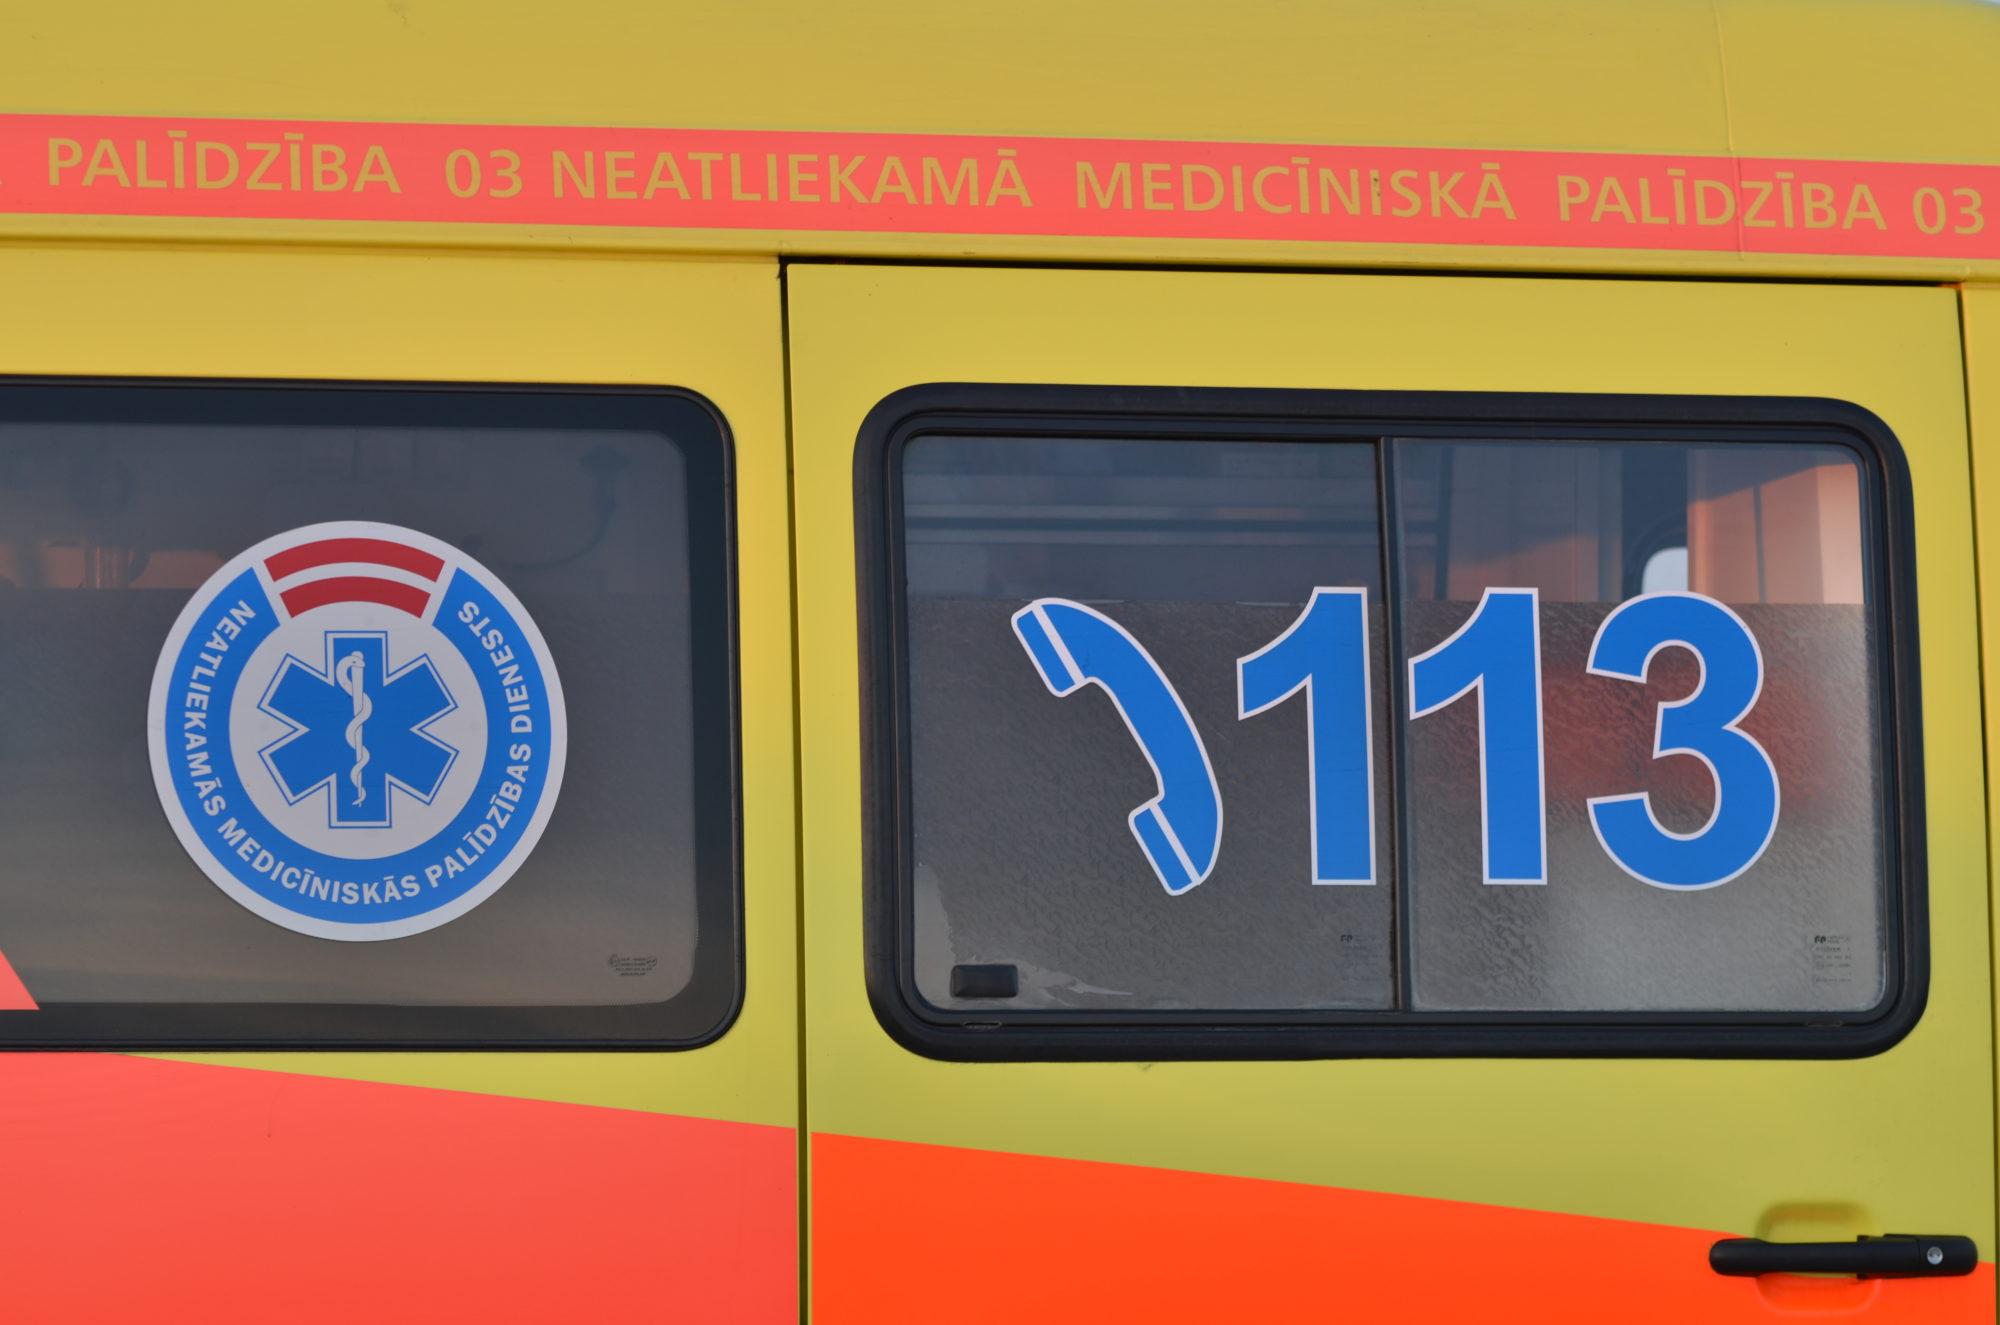 Лиепайчанка возмущена отношением диспетчера «скорой помощи». Служба вину отрицает